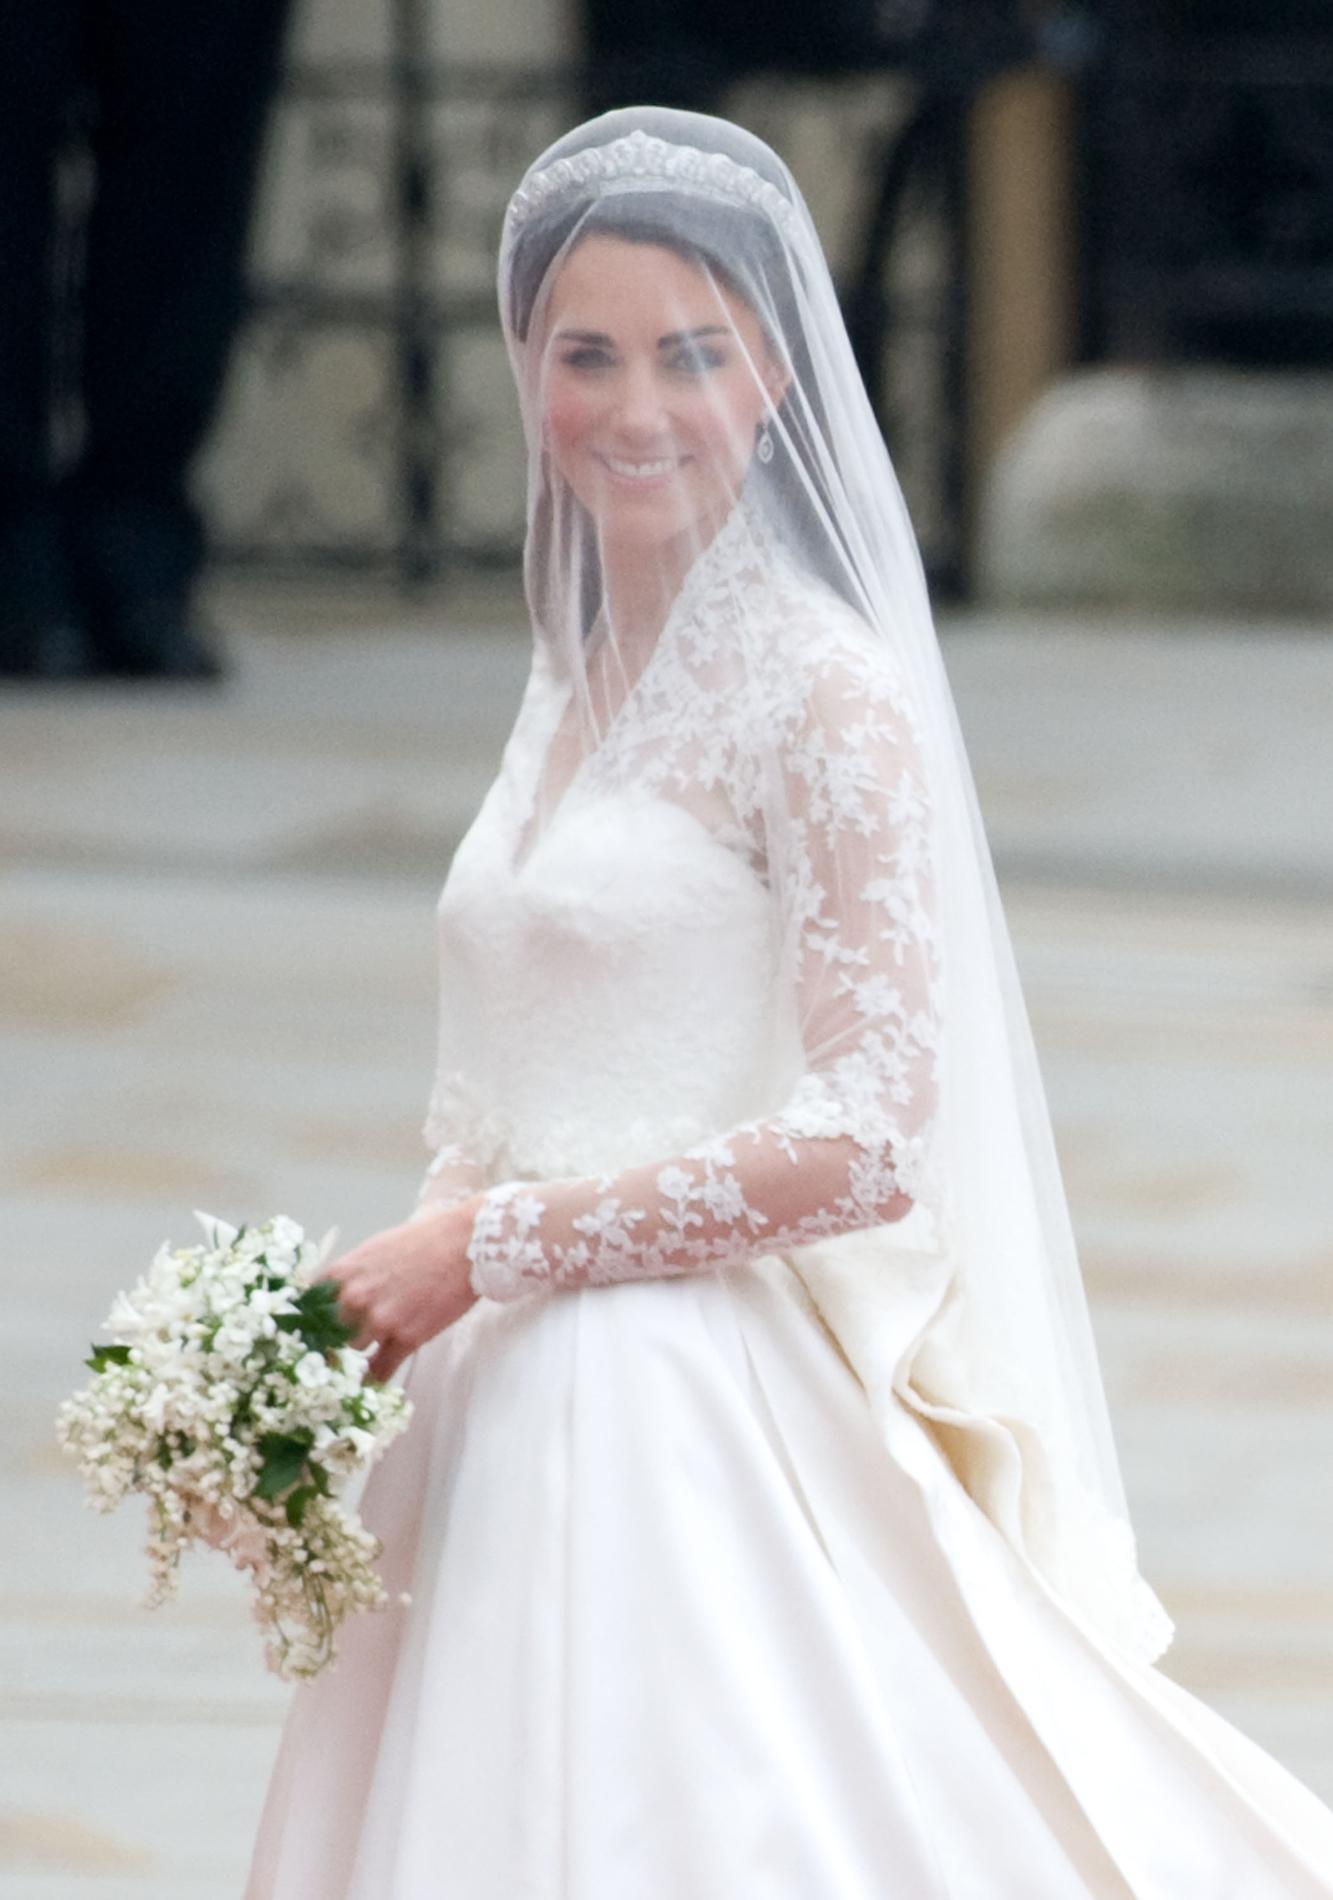 شخصية العروس حسب طرحتها